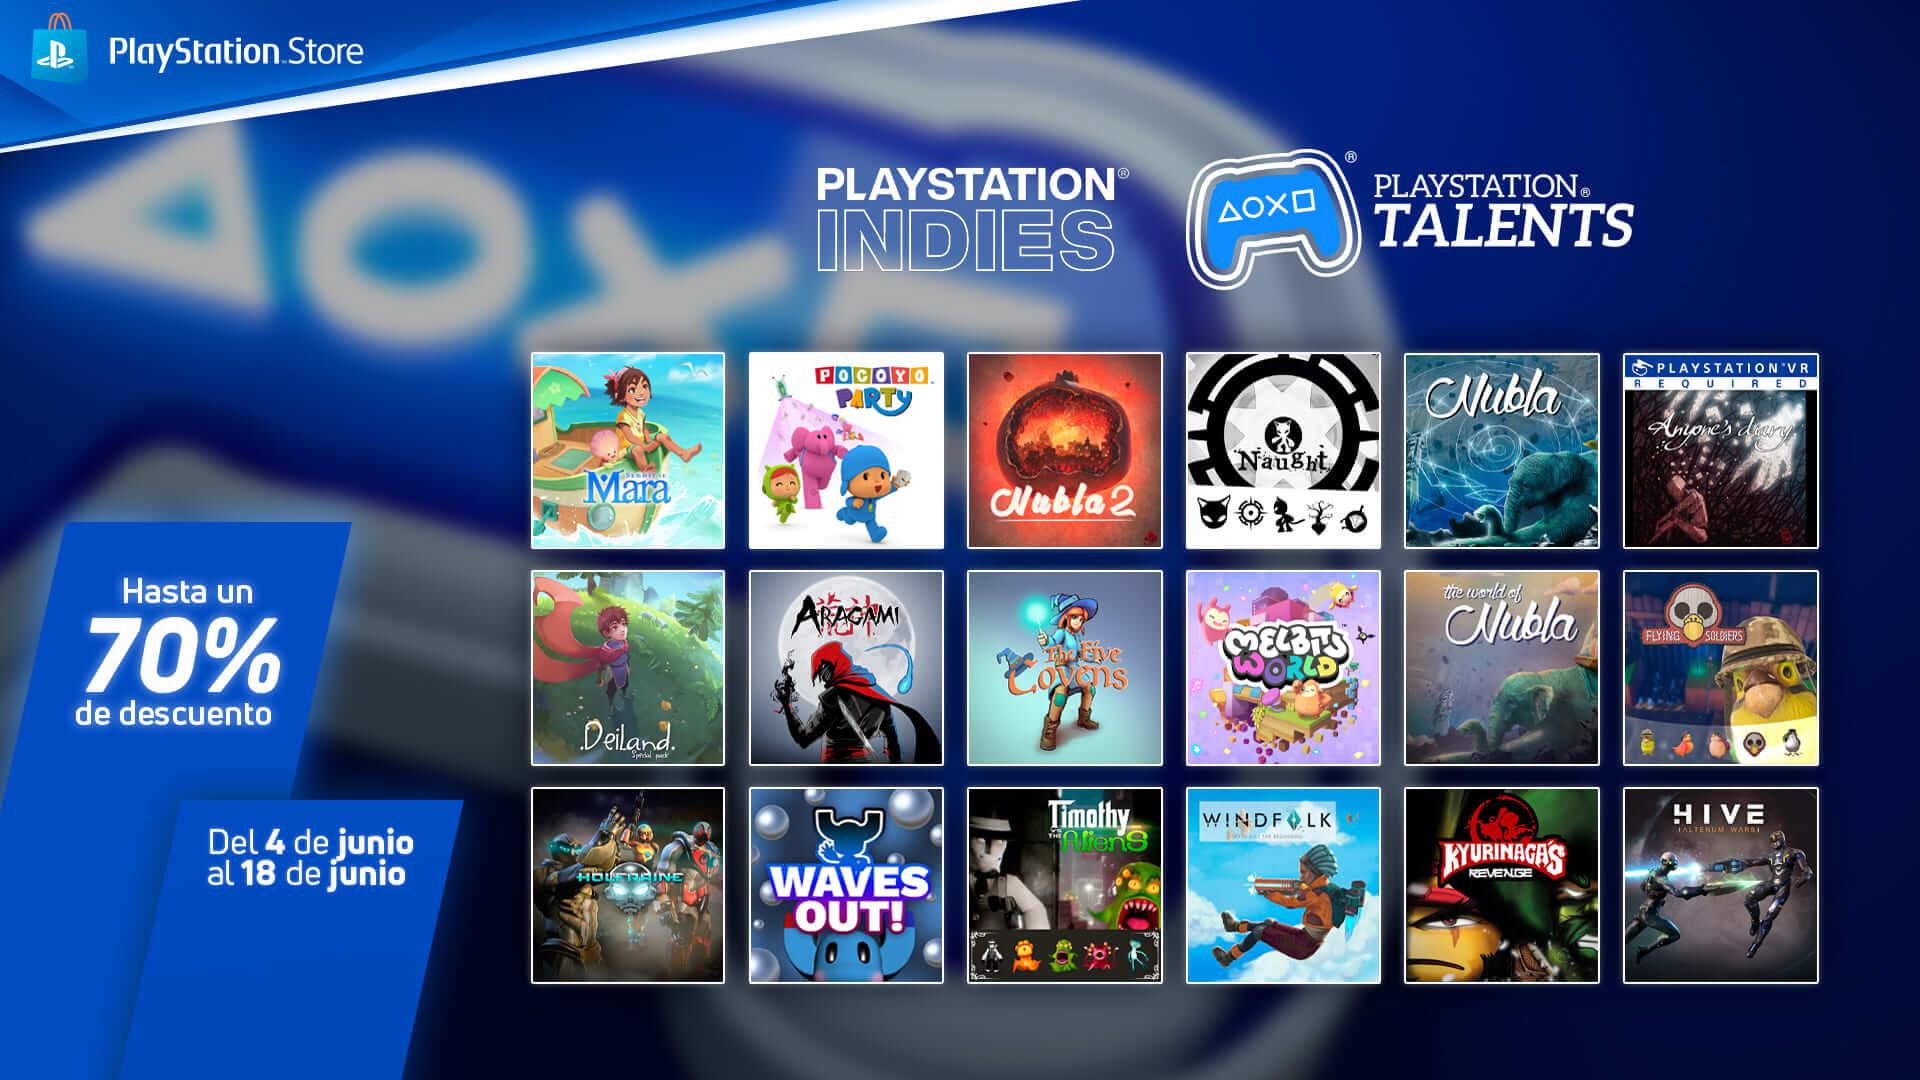 Las ofertas de PlayStation Indies regresan a PS Store con grandes descuentos